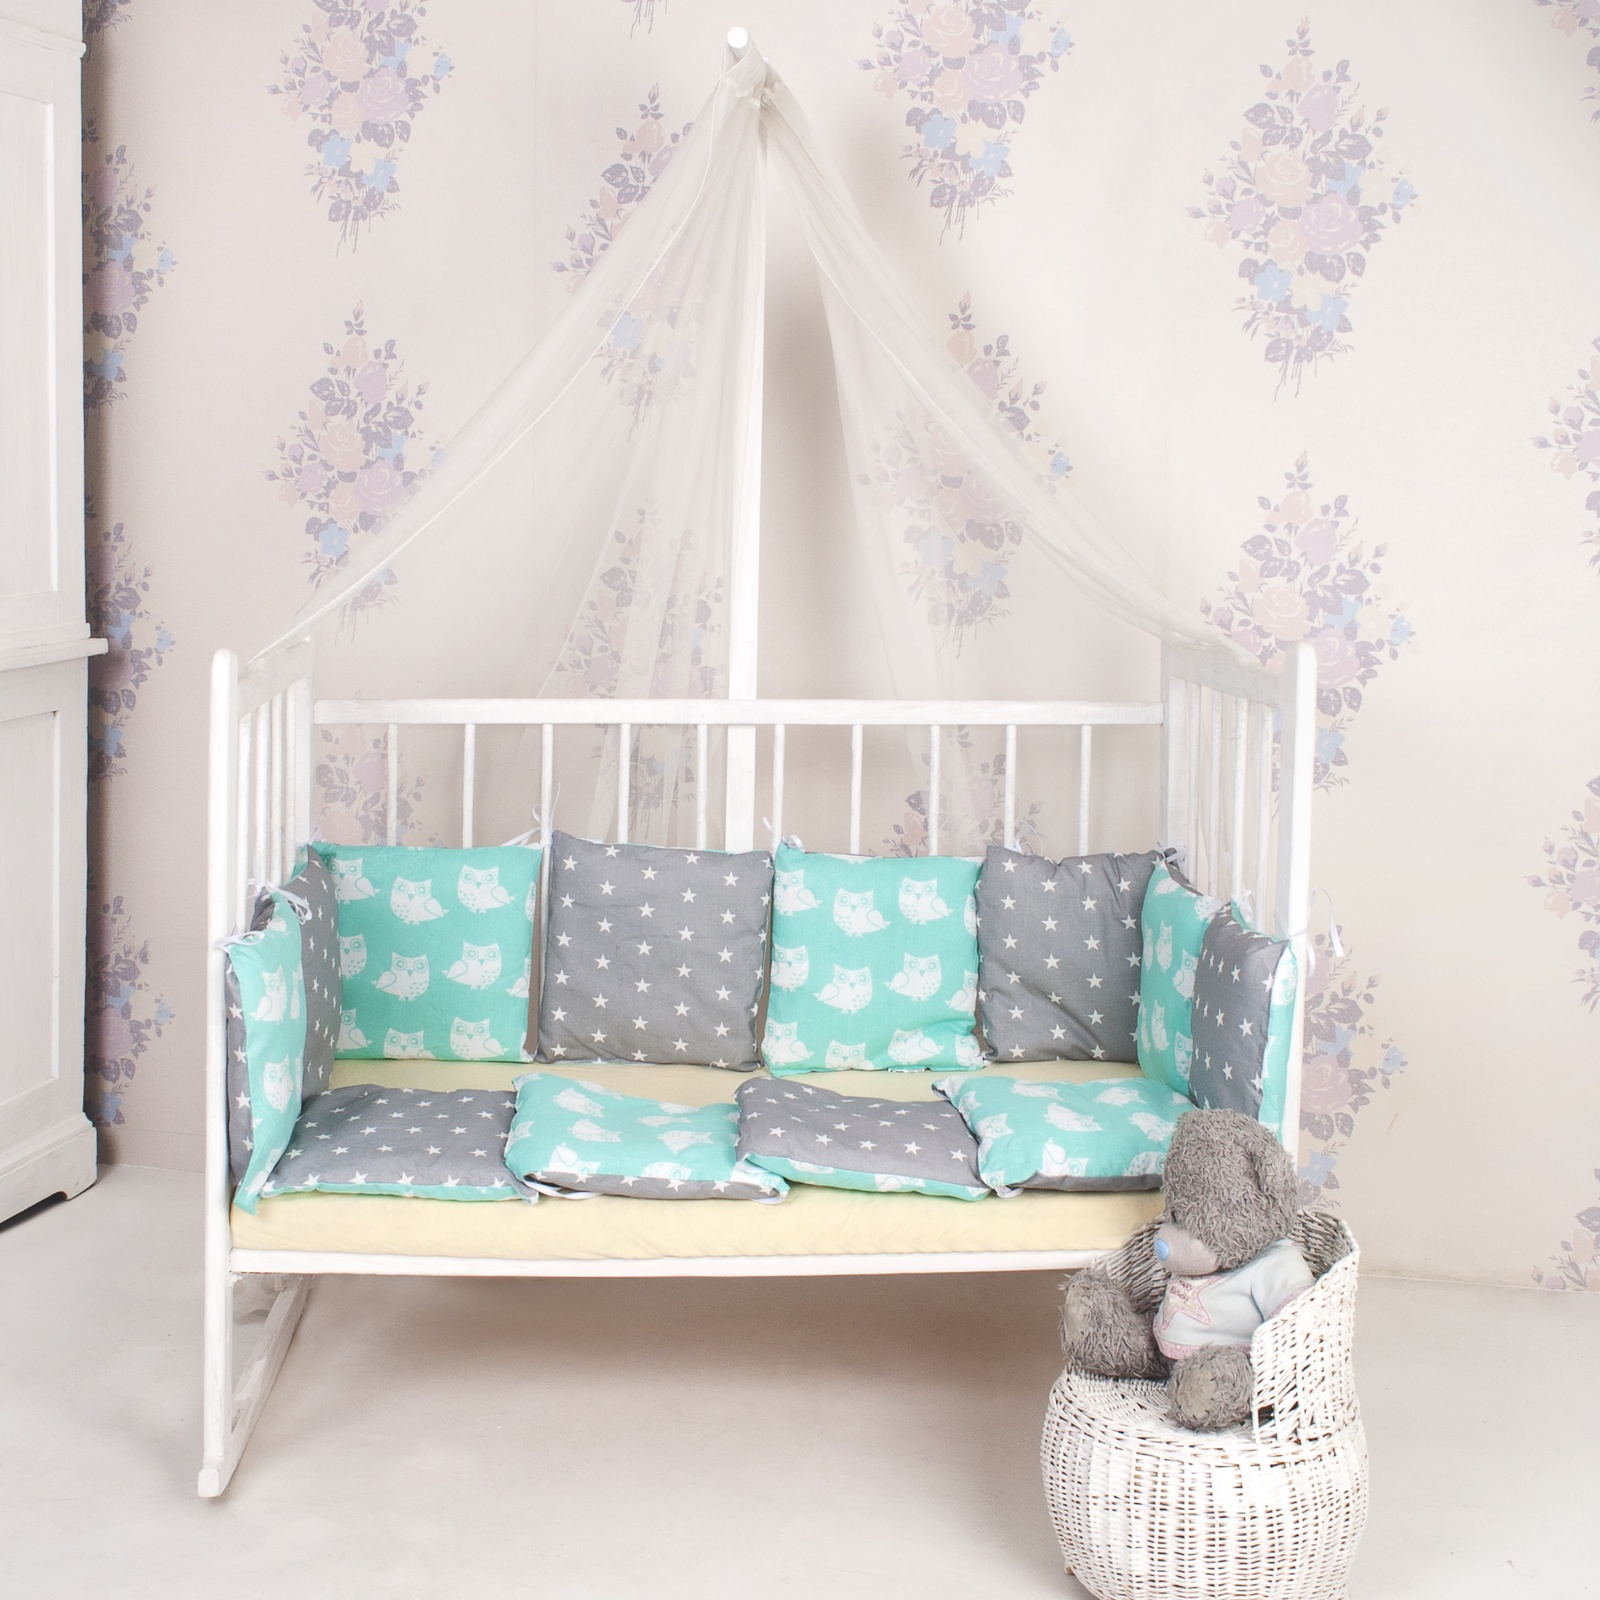 бортики в кроватку Комплект в кроватку ТК Традиция бортики в кроватку бязь, серый, светло-зеленый